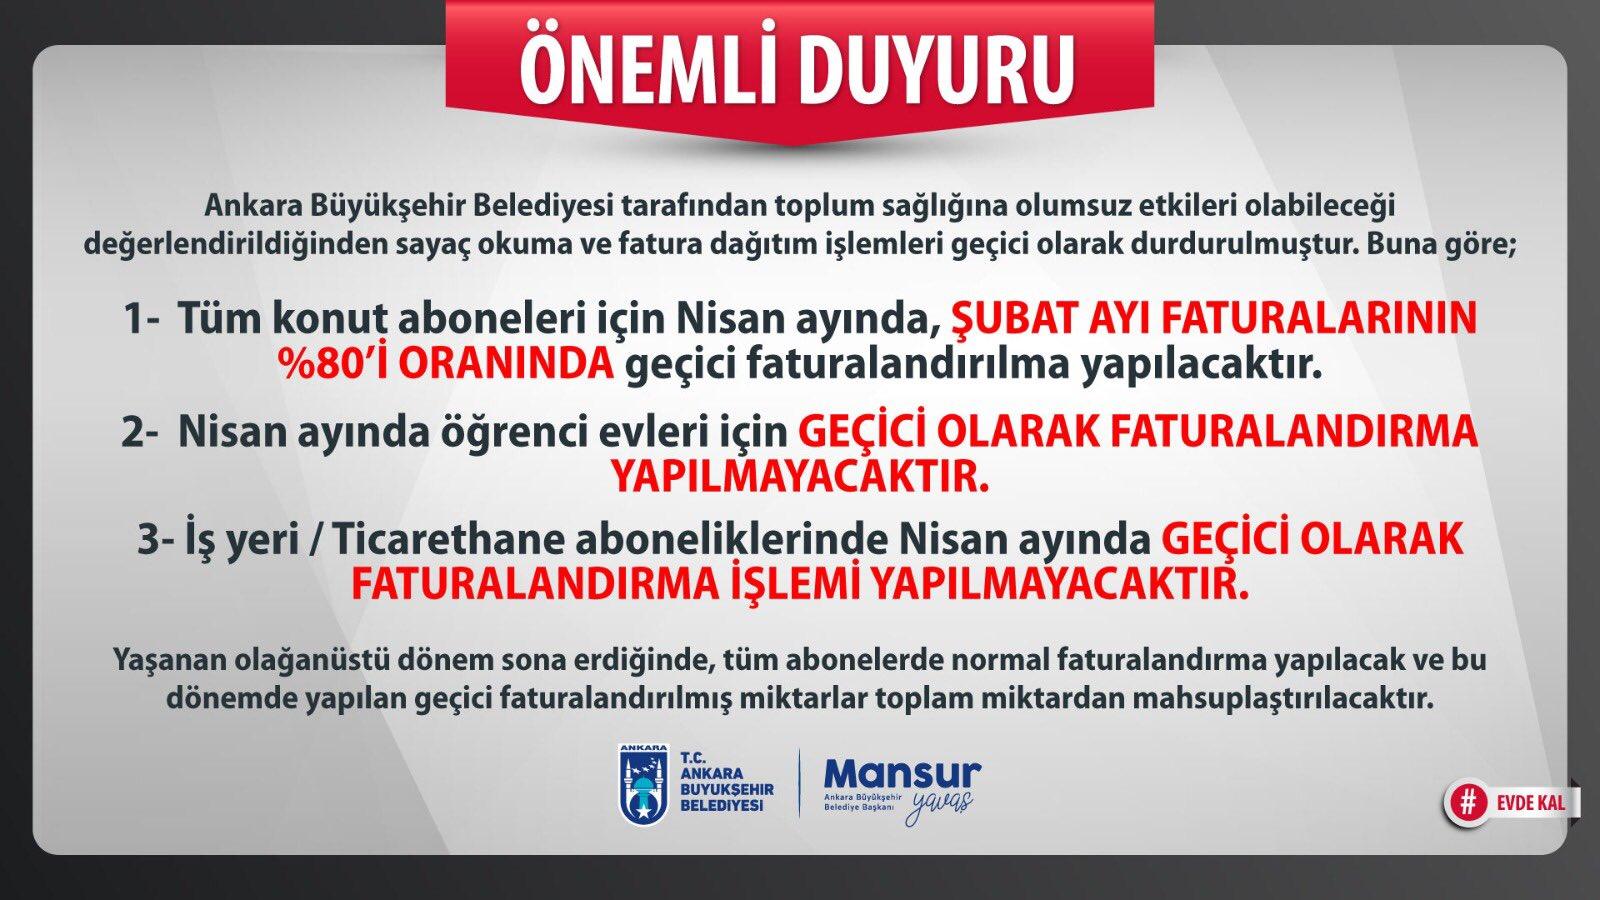 ankara büyükşehir belediyesi sayaç okuma faturalandırma